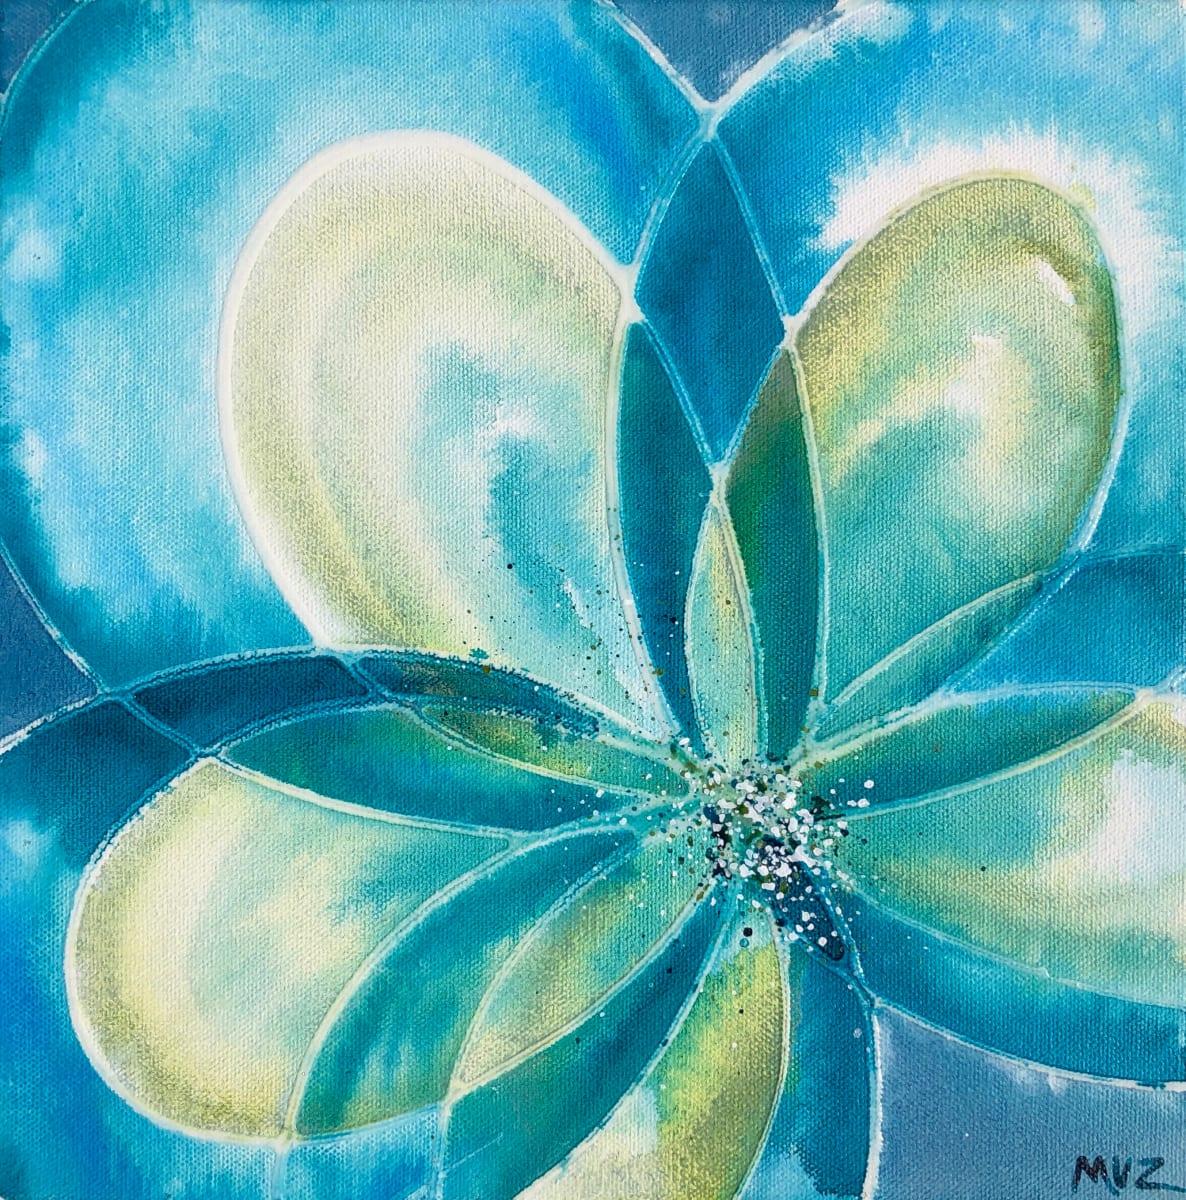 Heart Stirrings by Melynda Van Zee